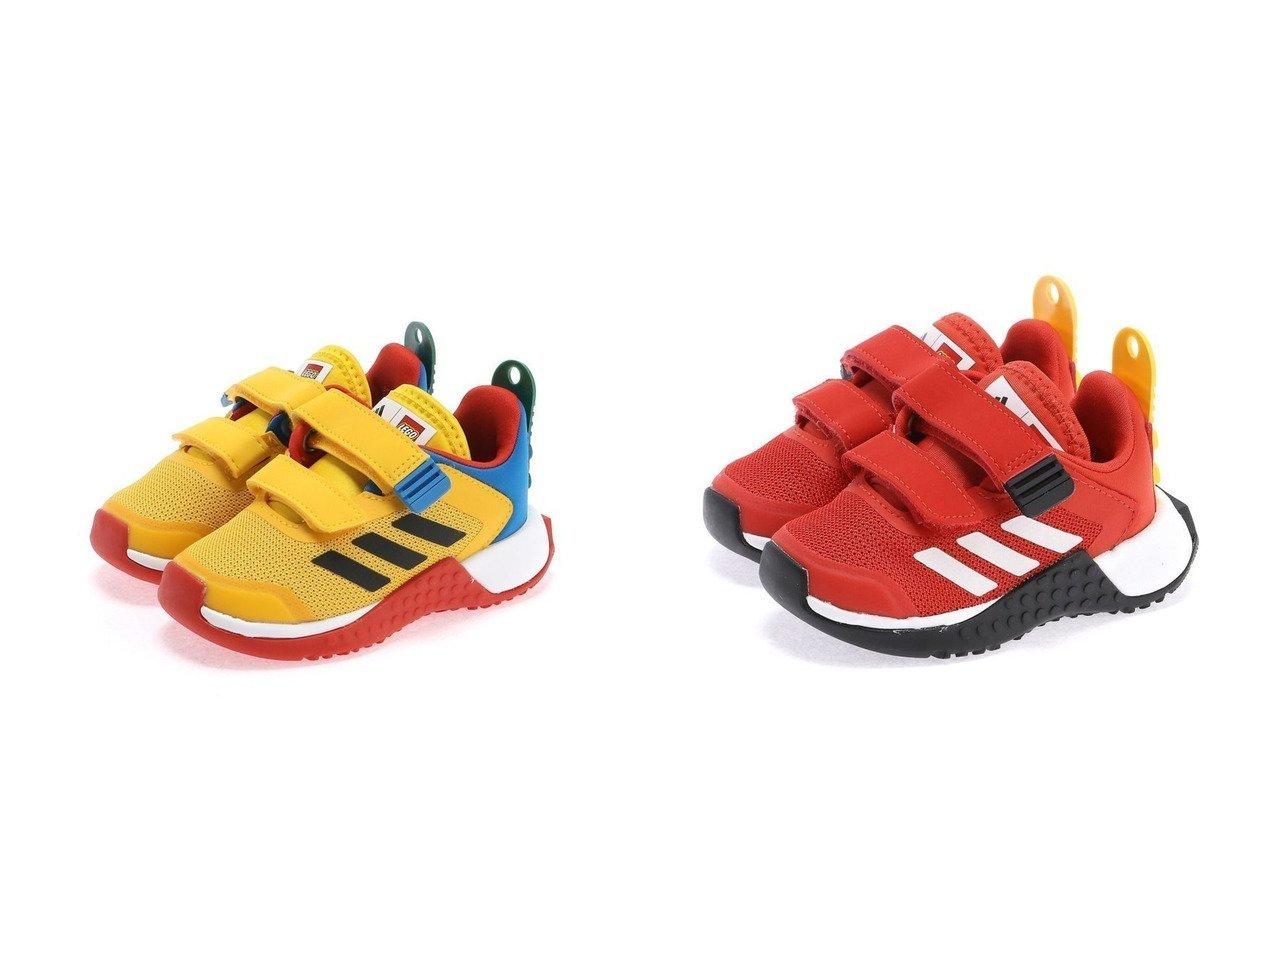 【adidas Sports Performance / KIDS/アディダス スポーツ パフォーマンス】のLEGO スポーツ LEGO Sport アディダス(キッズ/子供用) 【KIDS】子供服のおすすめ!人気トレンド・キッズファッションの通販 おすすめで人気の流行・トレンド、ファッションの通販商品 メンズファッション・キッズファッション・インテリア・家具・レディースファッション・服の通販 founy(ファニー) https://founy.com/ ファッション Fashion キッズファッション KIDS キャラクター シューズ スポーツ フィット ブロック ベビー ライニング ラップ |ID:crp329100000019693